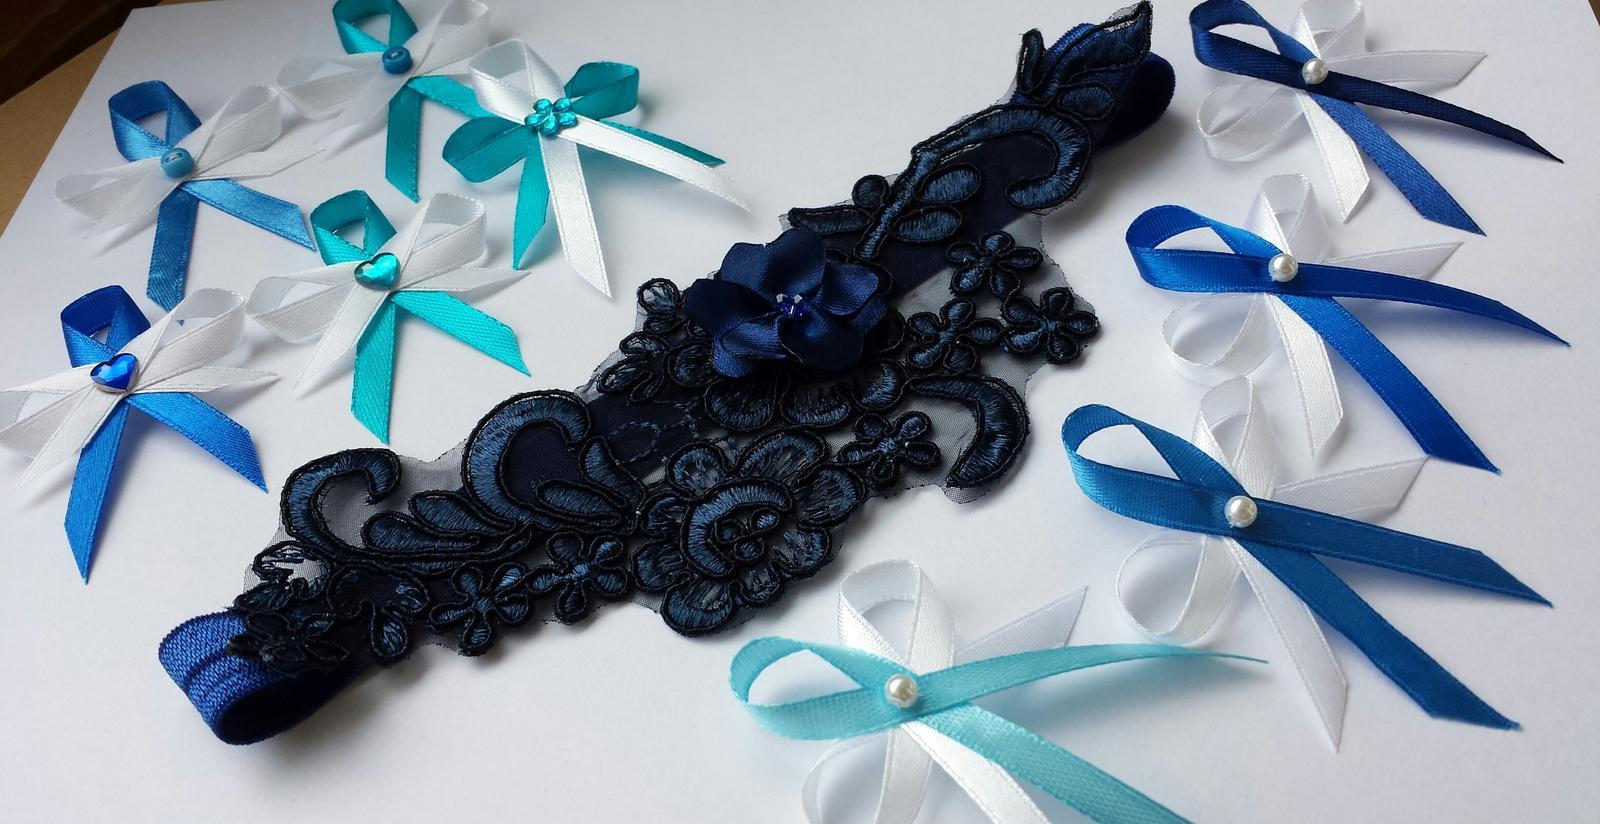 Krajkový luxusní tmavě modrý podvazek vel. XS-L - Obrázek č. 4